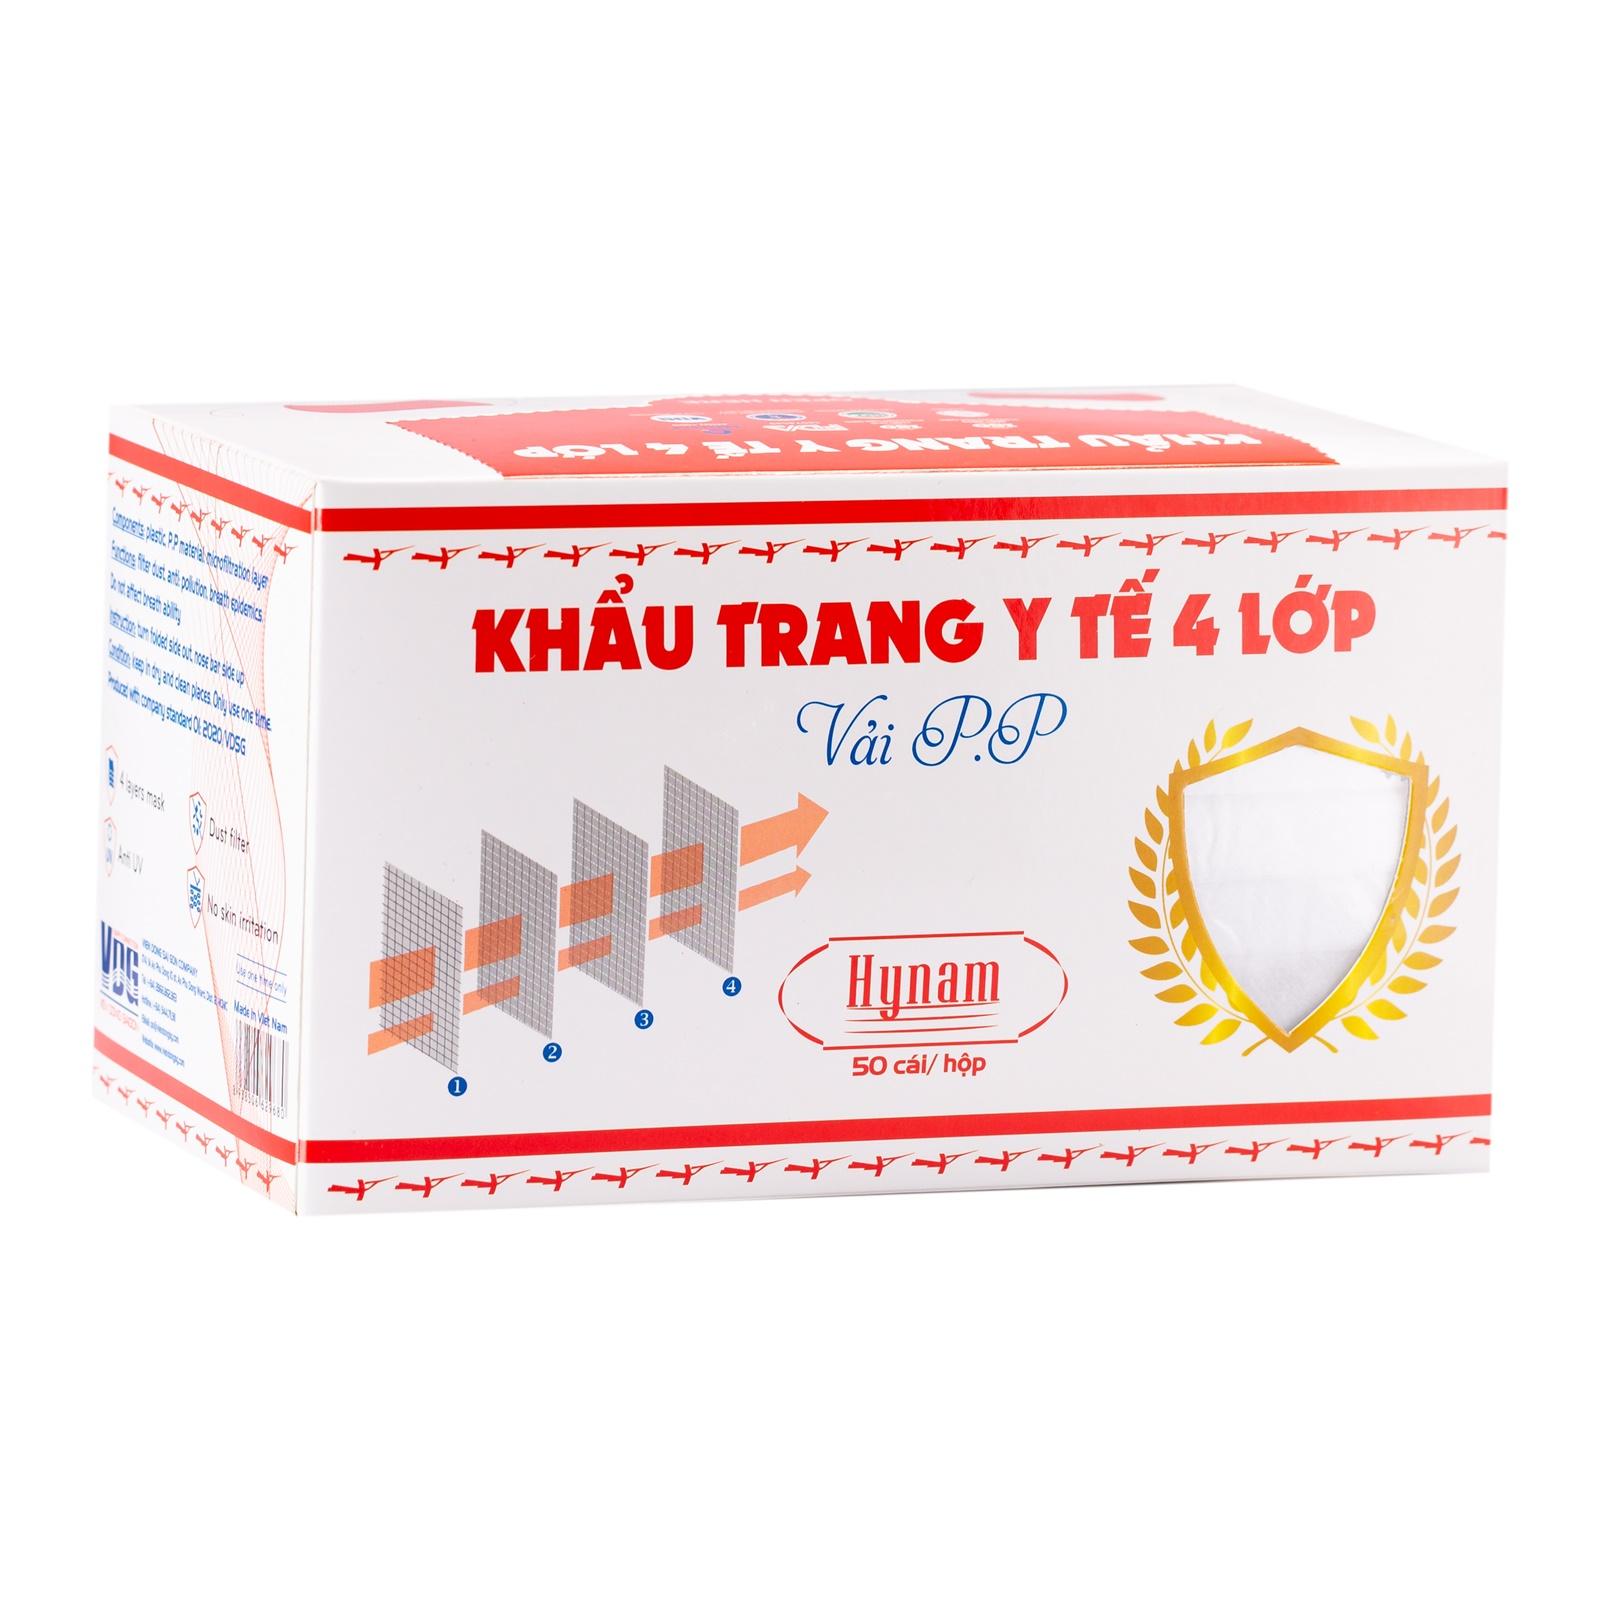 Khẩu trang y tế 4 lớp vải không dệt Hynam - (50 cái/ hộp) - Màu trắng